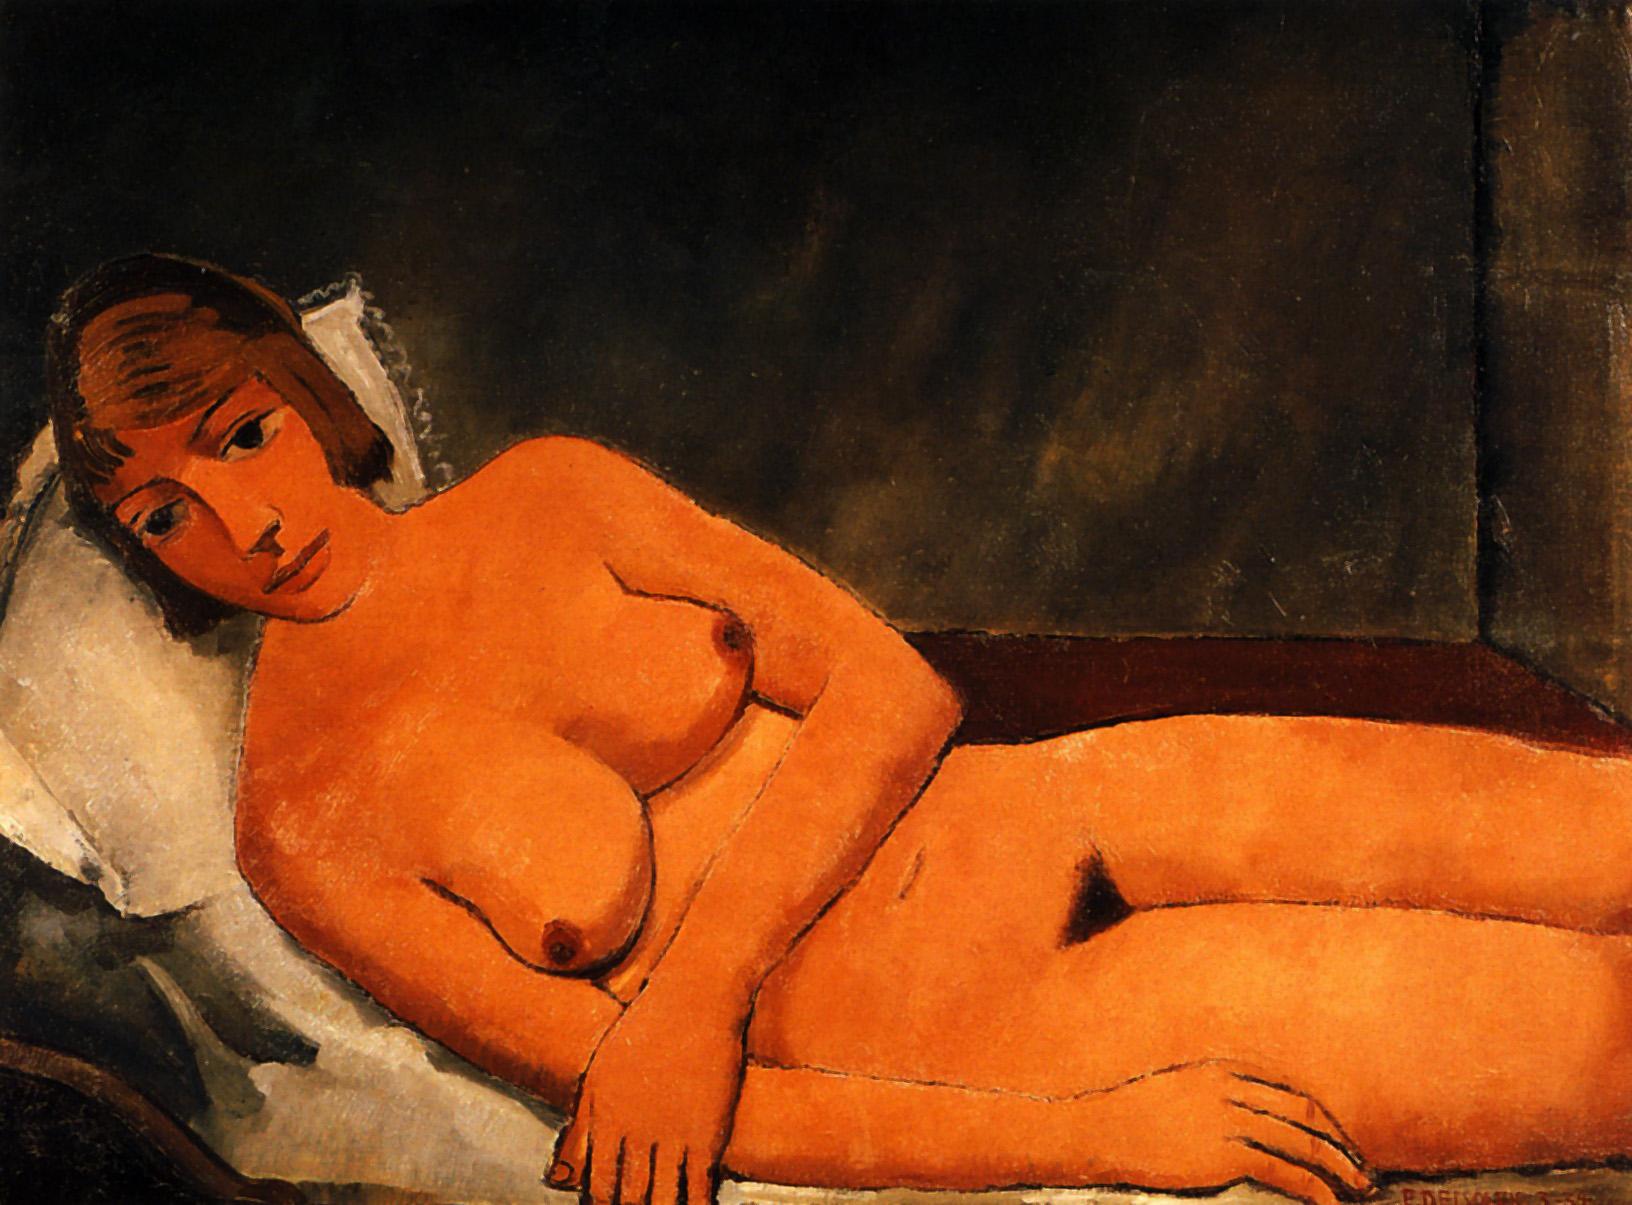 Reclining Nude, Paul Delvaux, 1934